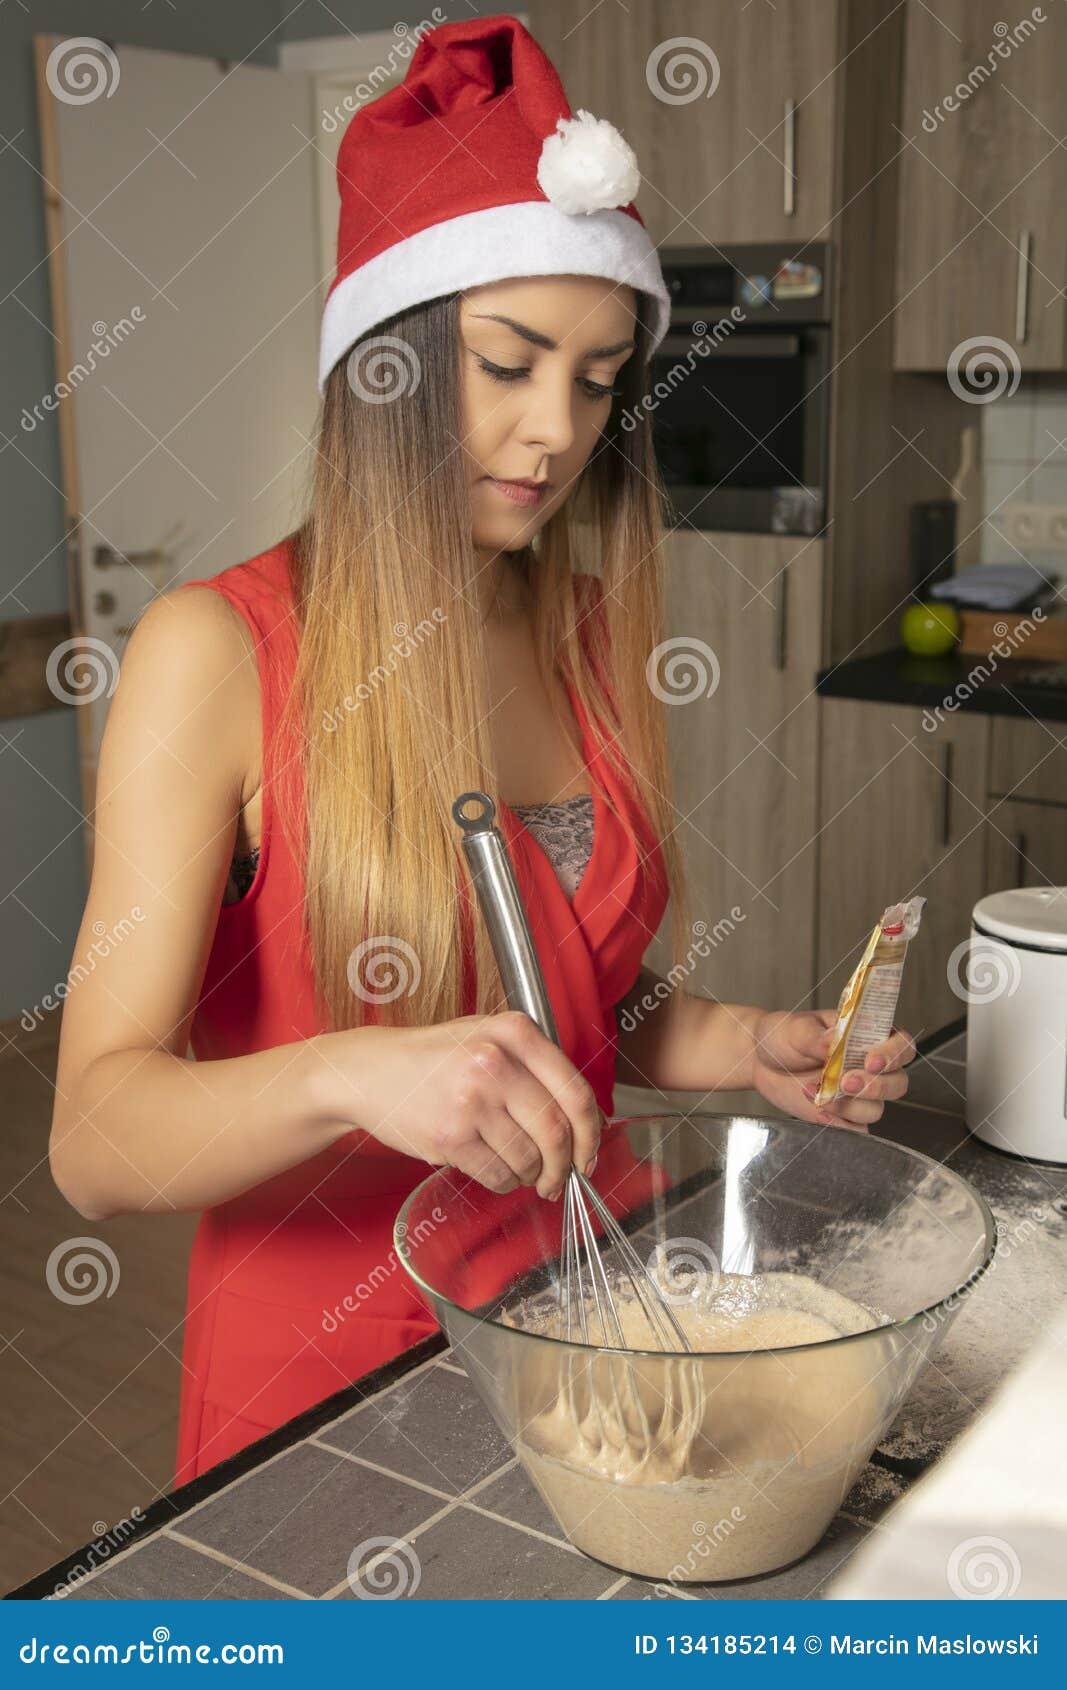 La jolie fille dans l habillement de Noël prépare le gâteau pour faire, elle ajoute des ingrédients